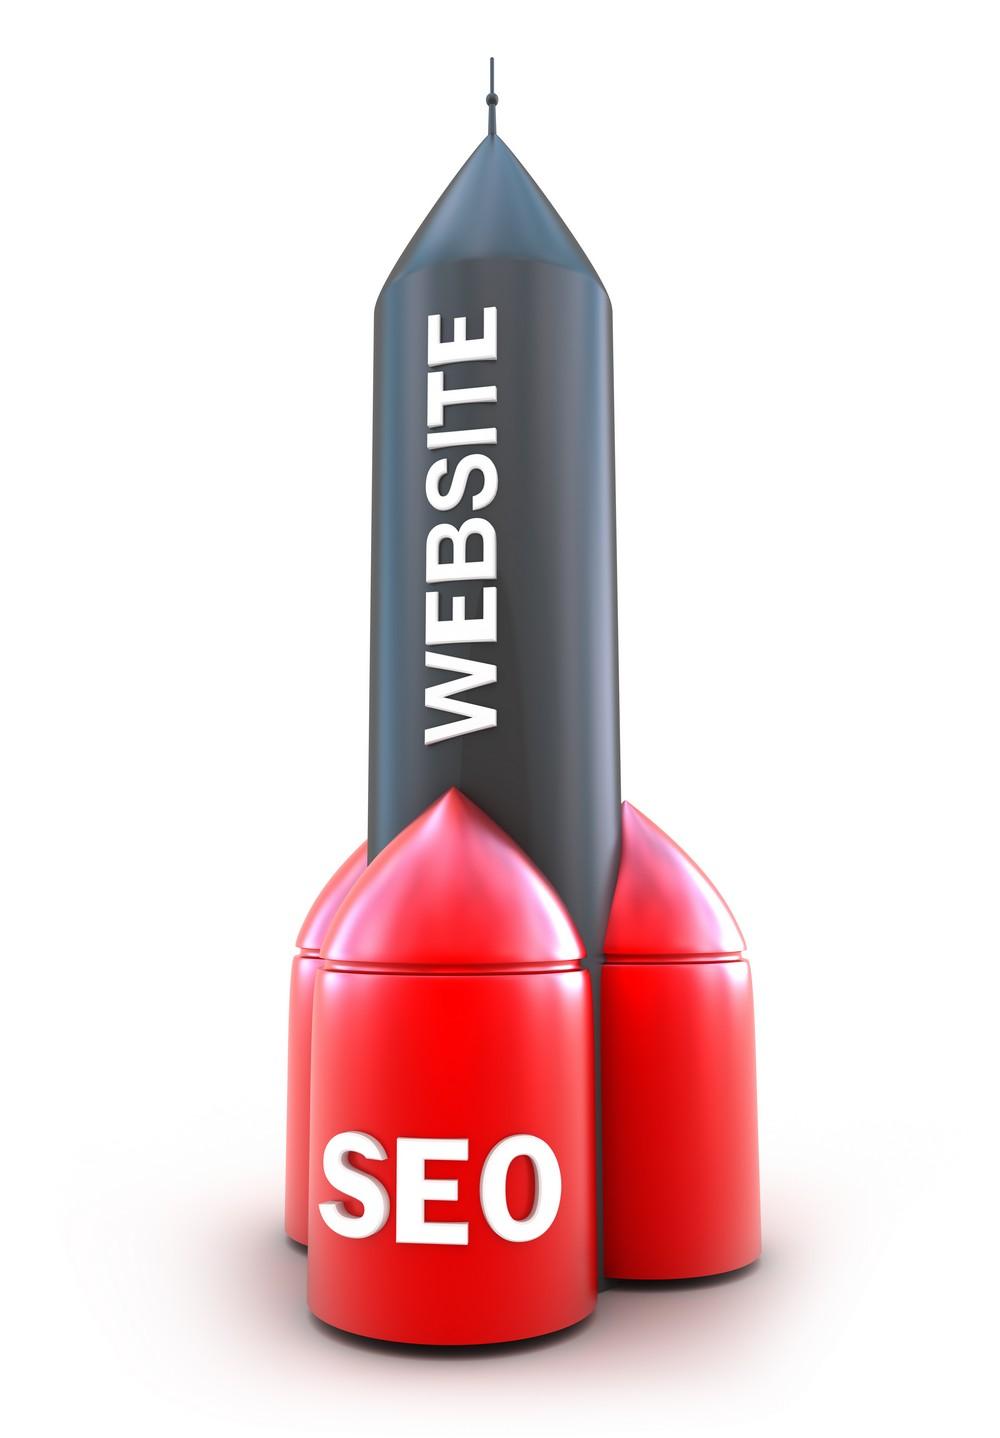 Raketa web seo